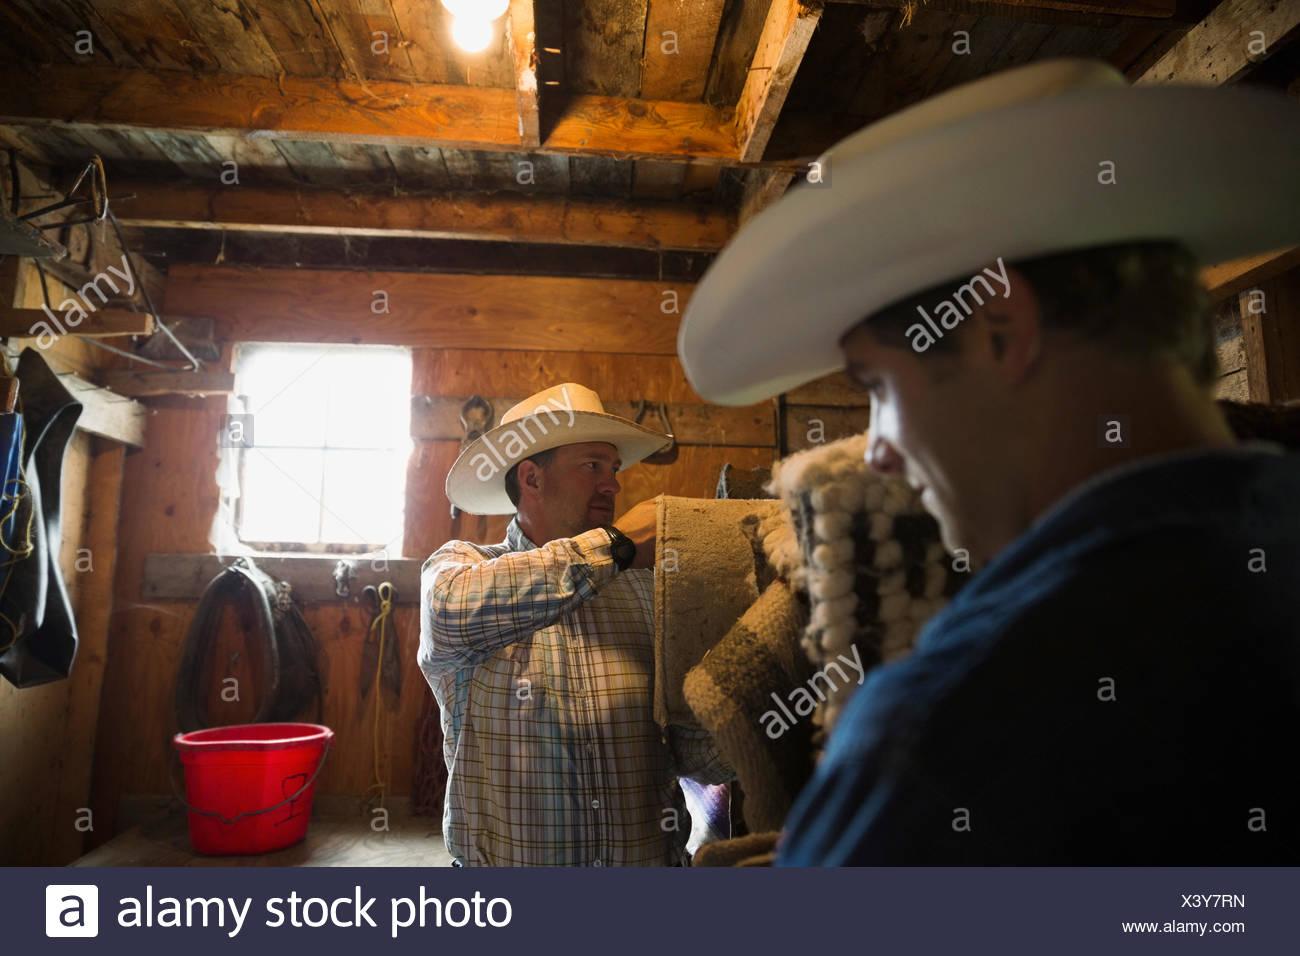 Los rancheros ajuste mantas en el granero Imagen De Stock